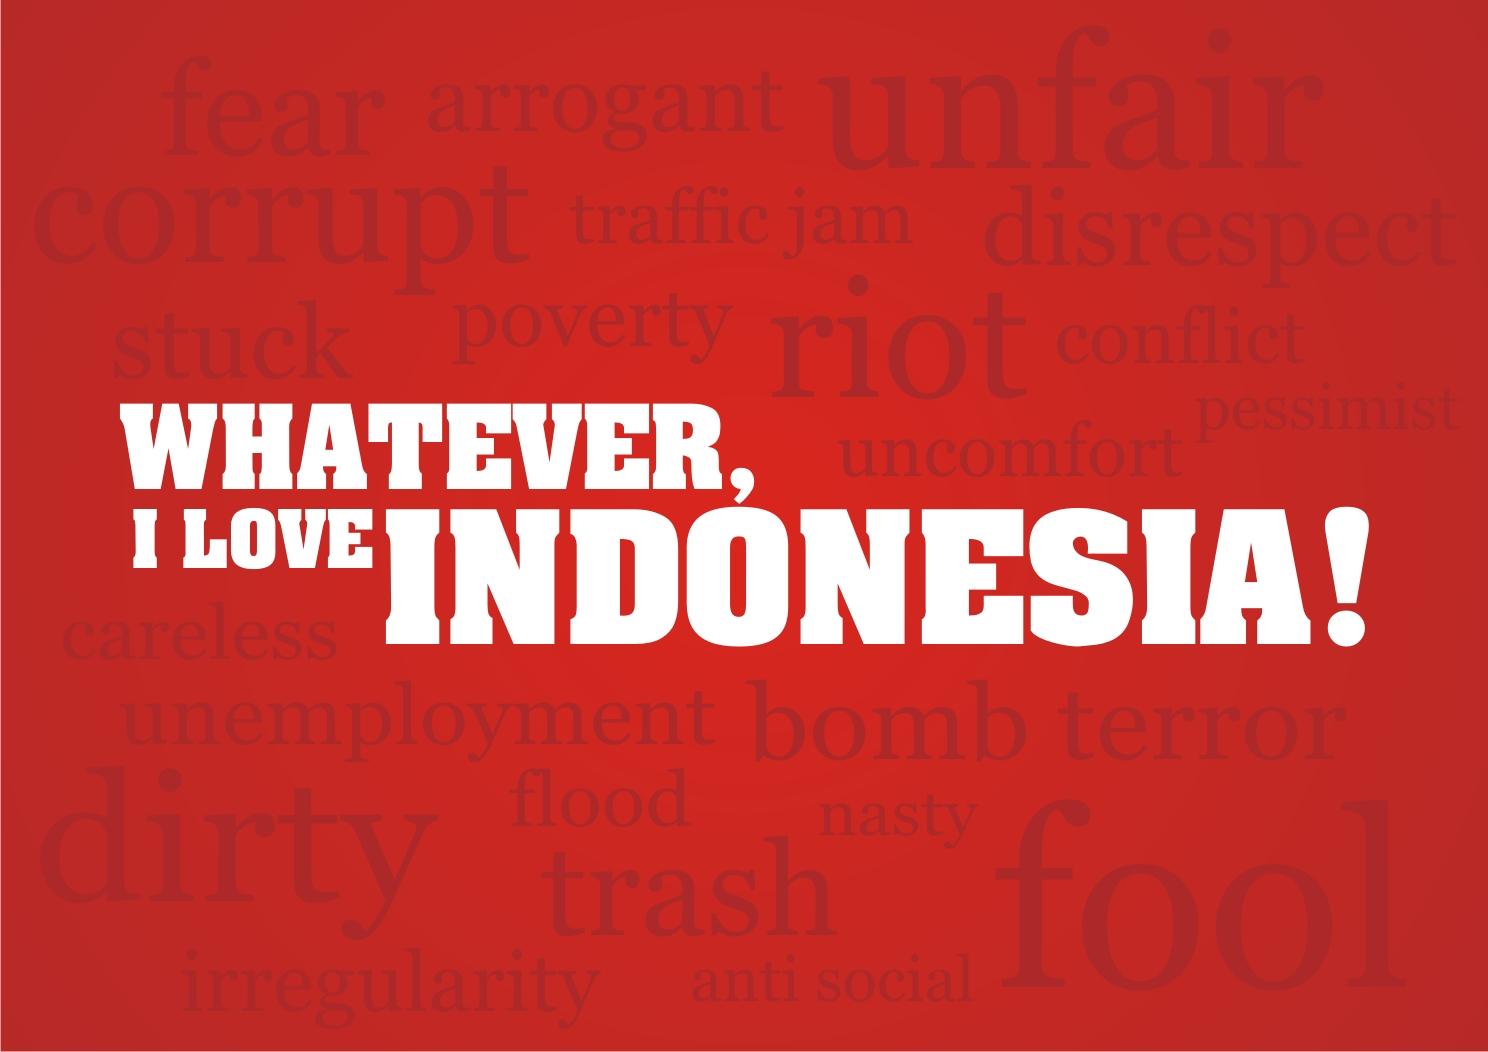 http://3.bp.blogspot.com/-B1Ci301IEPU/TmrO02ZpNBI/AAAAAAAAAj4/1R0jXx1l-ds/s1600/wallpaper+TIMNAS+INDONESIA+2011+by+ofic+sam+l+%2528FP%2529AREMA+INDONESIA+wallpapers%25284%2529.jpg